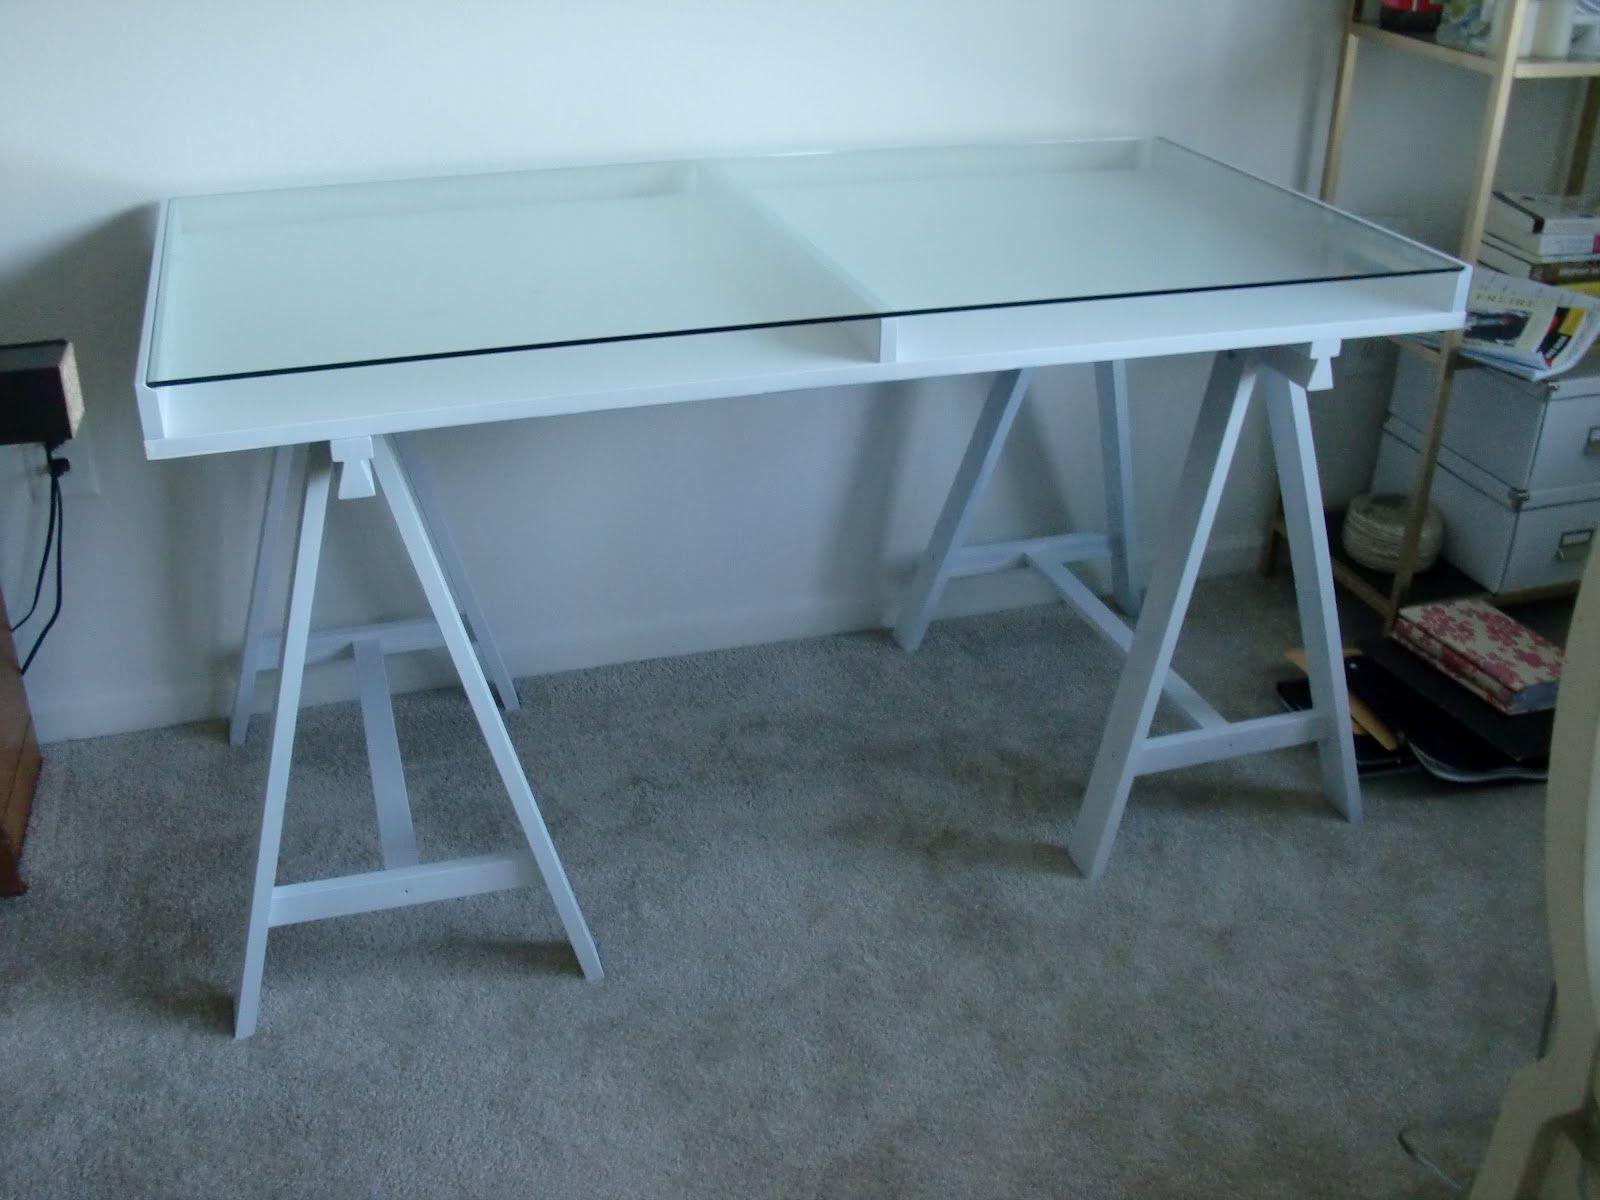 Glass Sawhorse Desk Jpg 1600 1200 Schreibtisch Mit Glasplatte